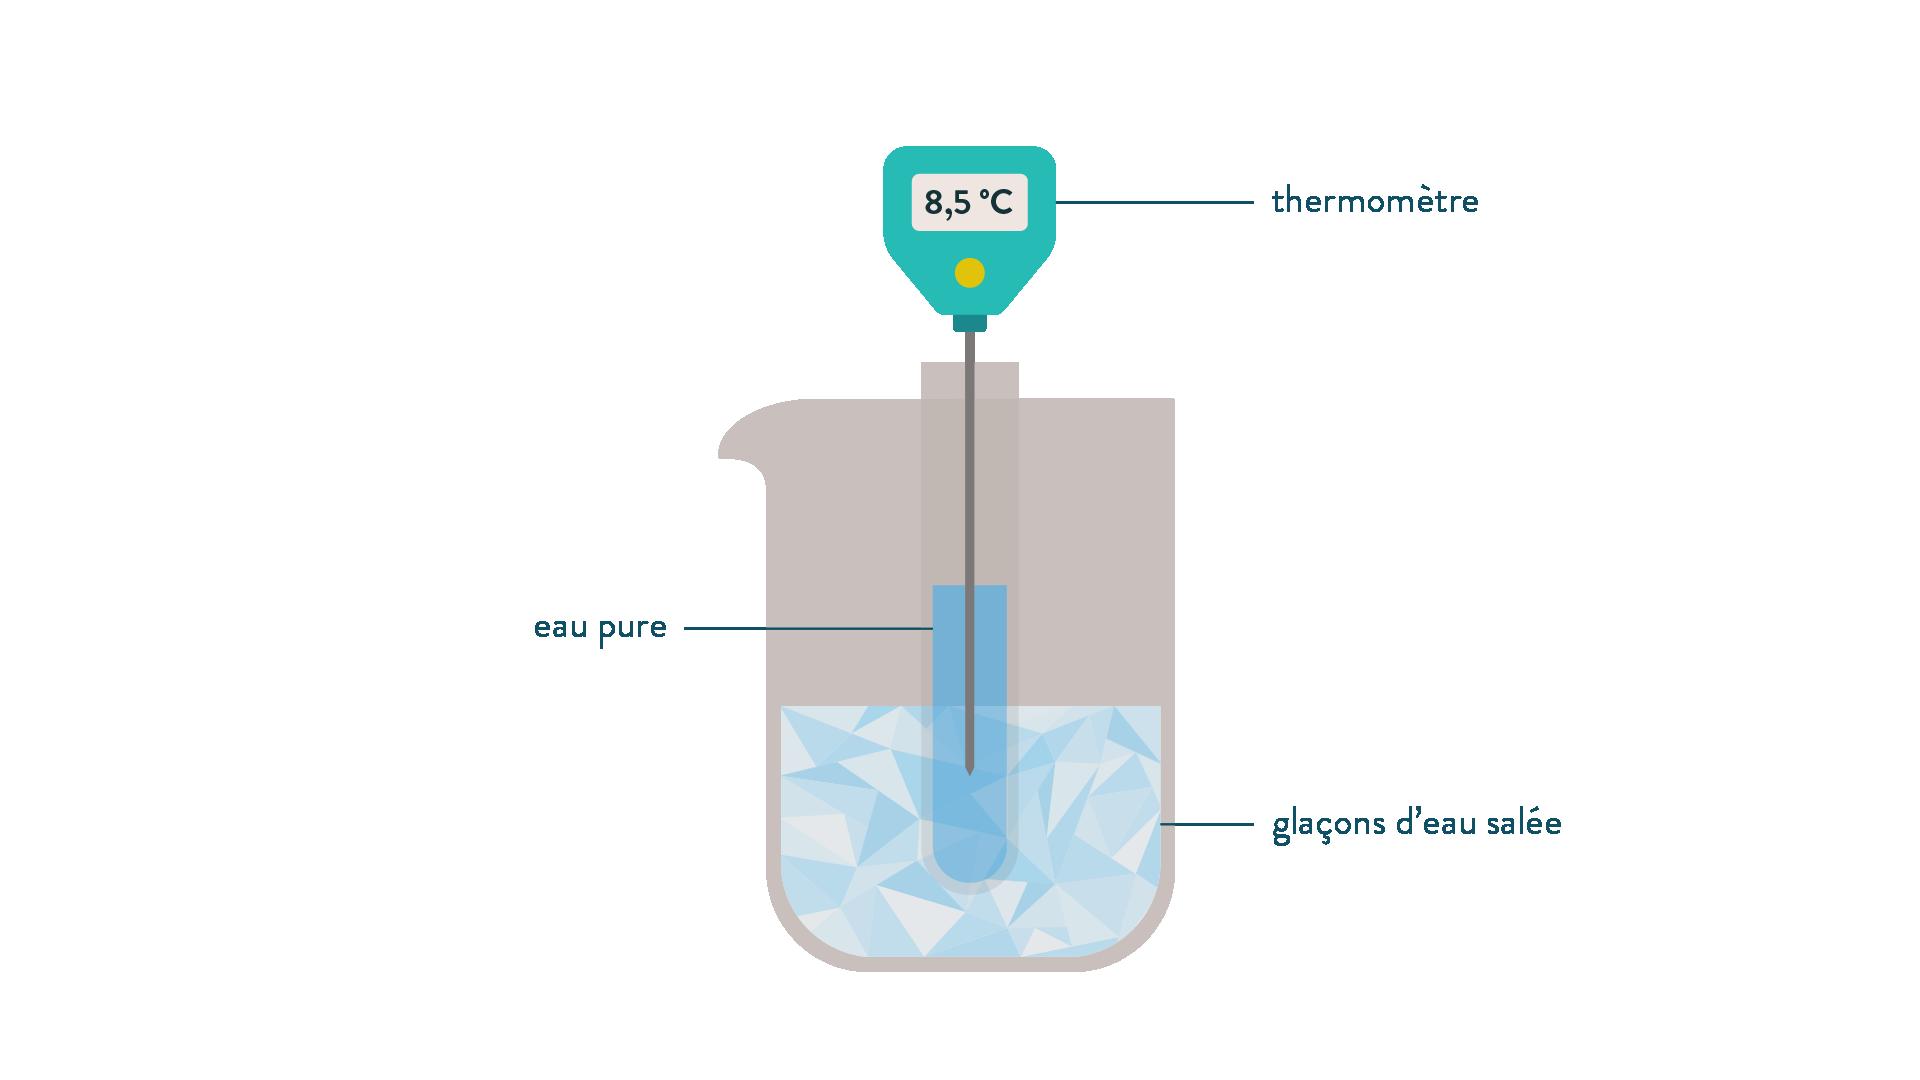 Dispositif expérimental eau + réfrigirant + thermomètre